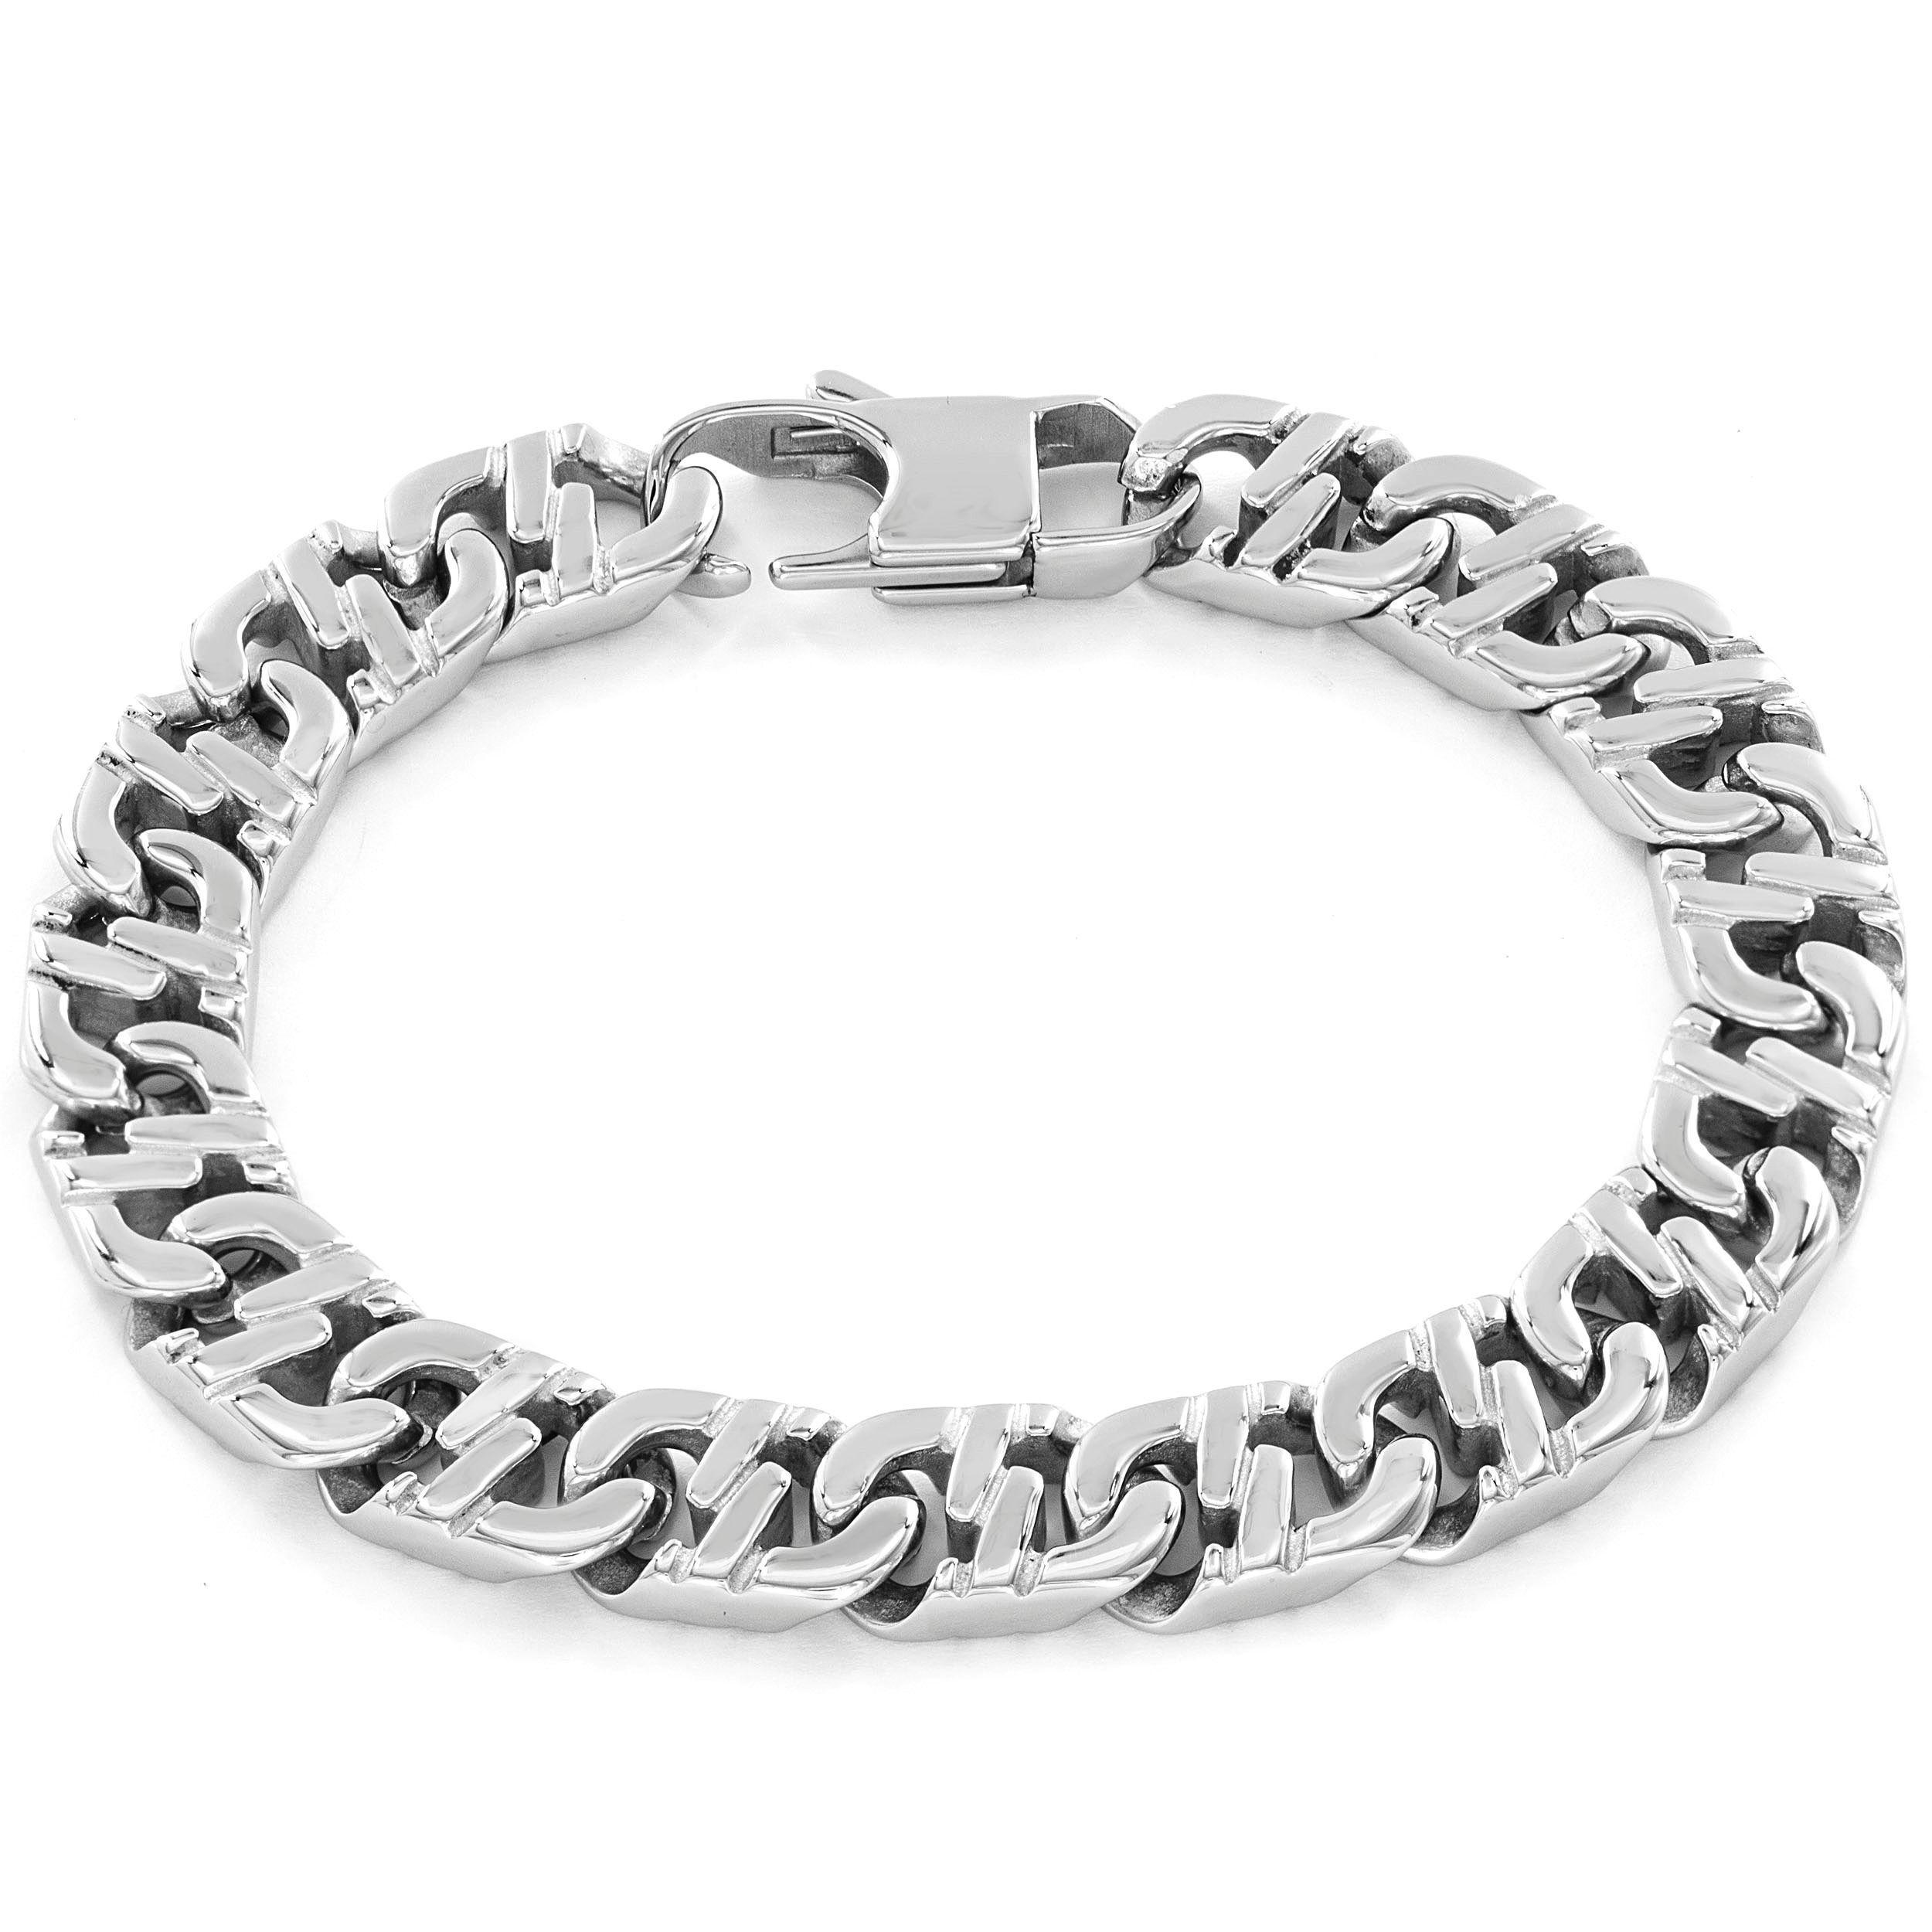 Stainless steel menus crucible mariner link bracelet west coast